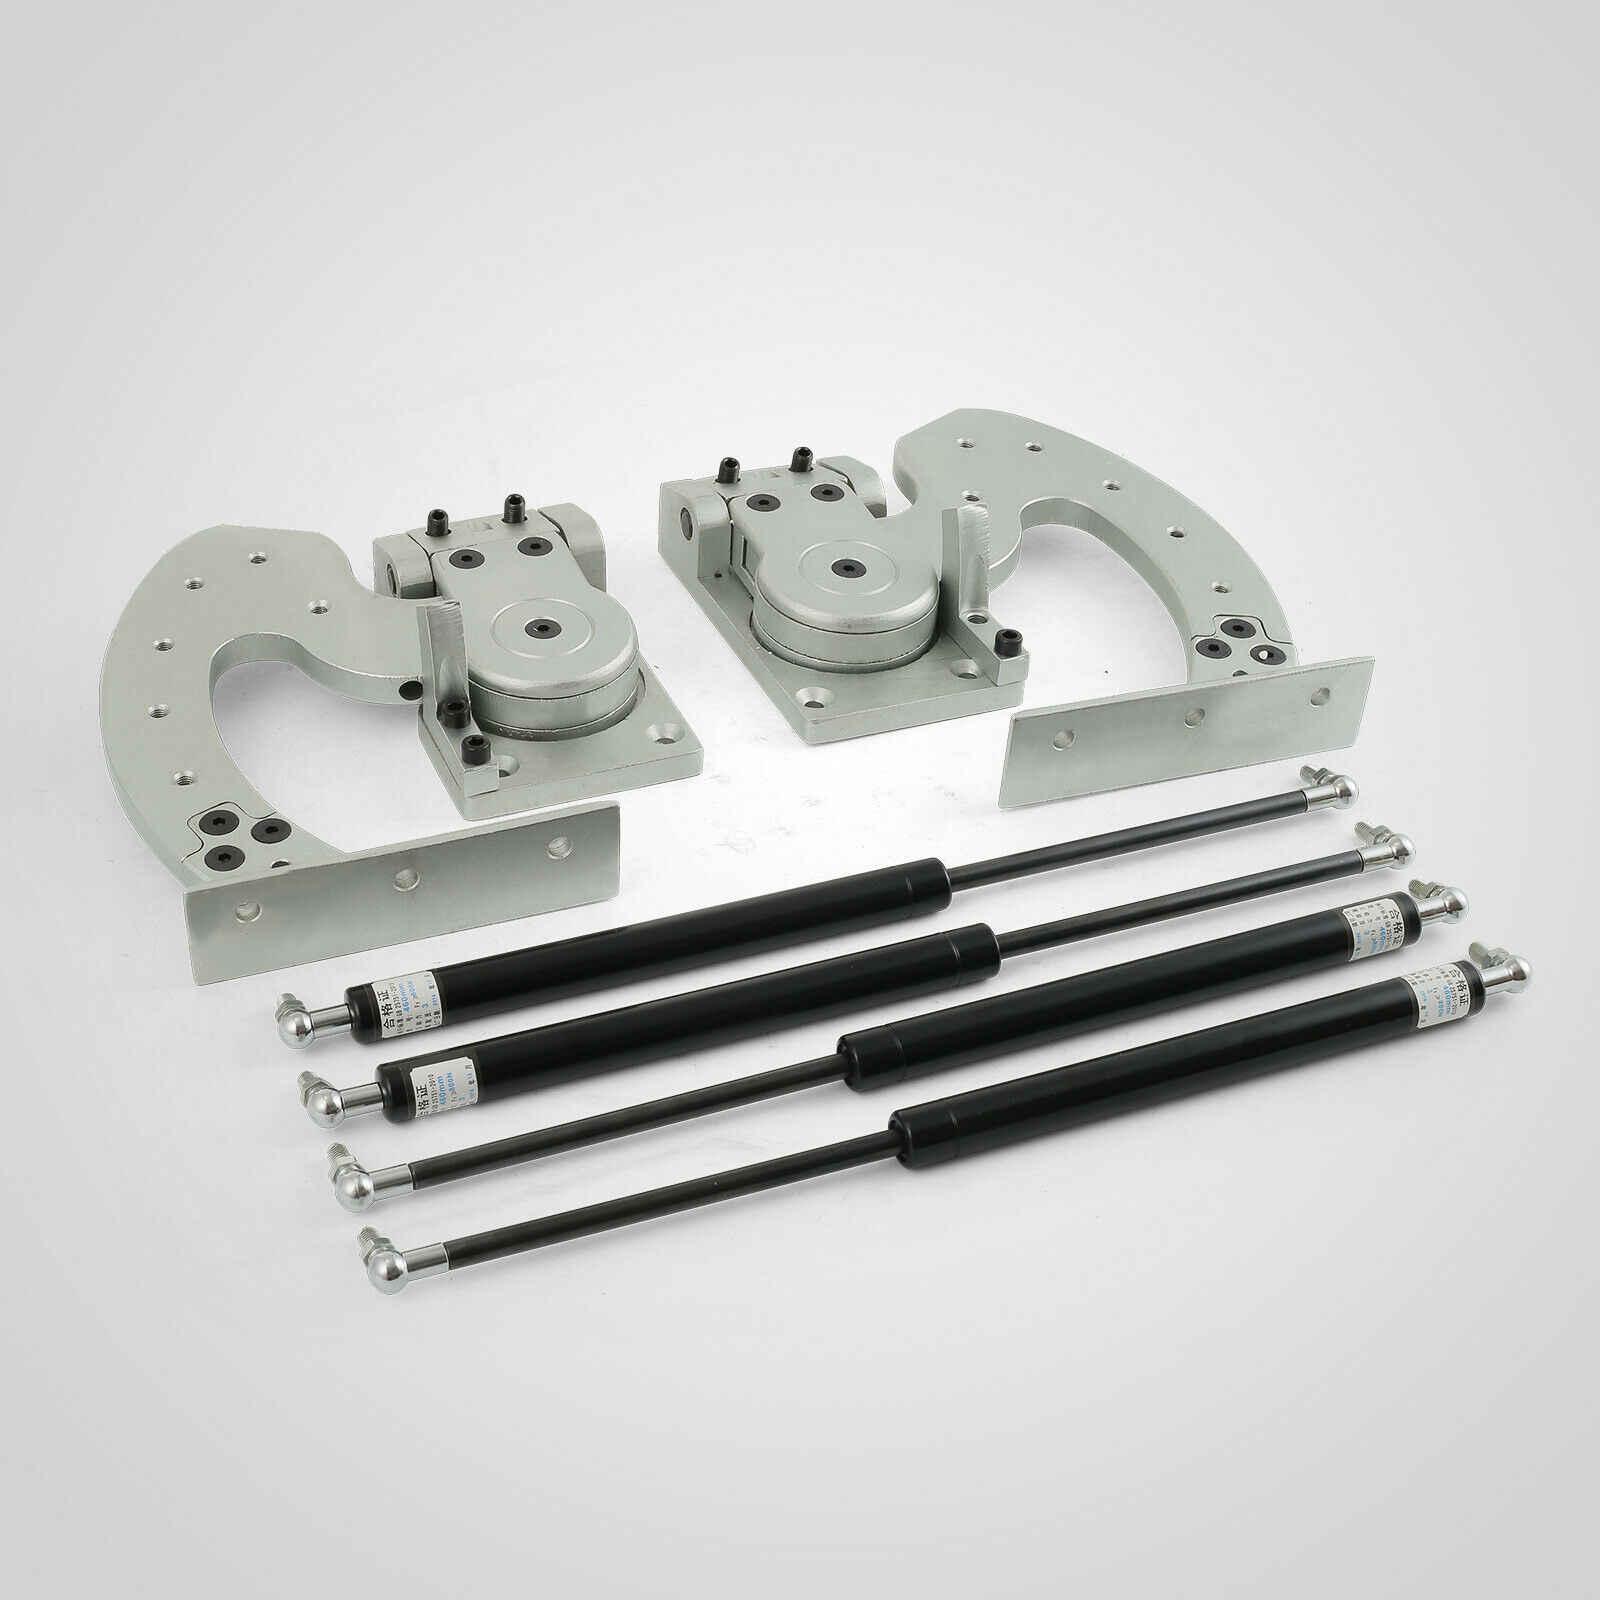 Universal Scissor Doors Vertical Lambo Door Kit Bolt On Vertical Doors Kit For Cars Tool Parts Aliexpress